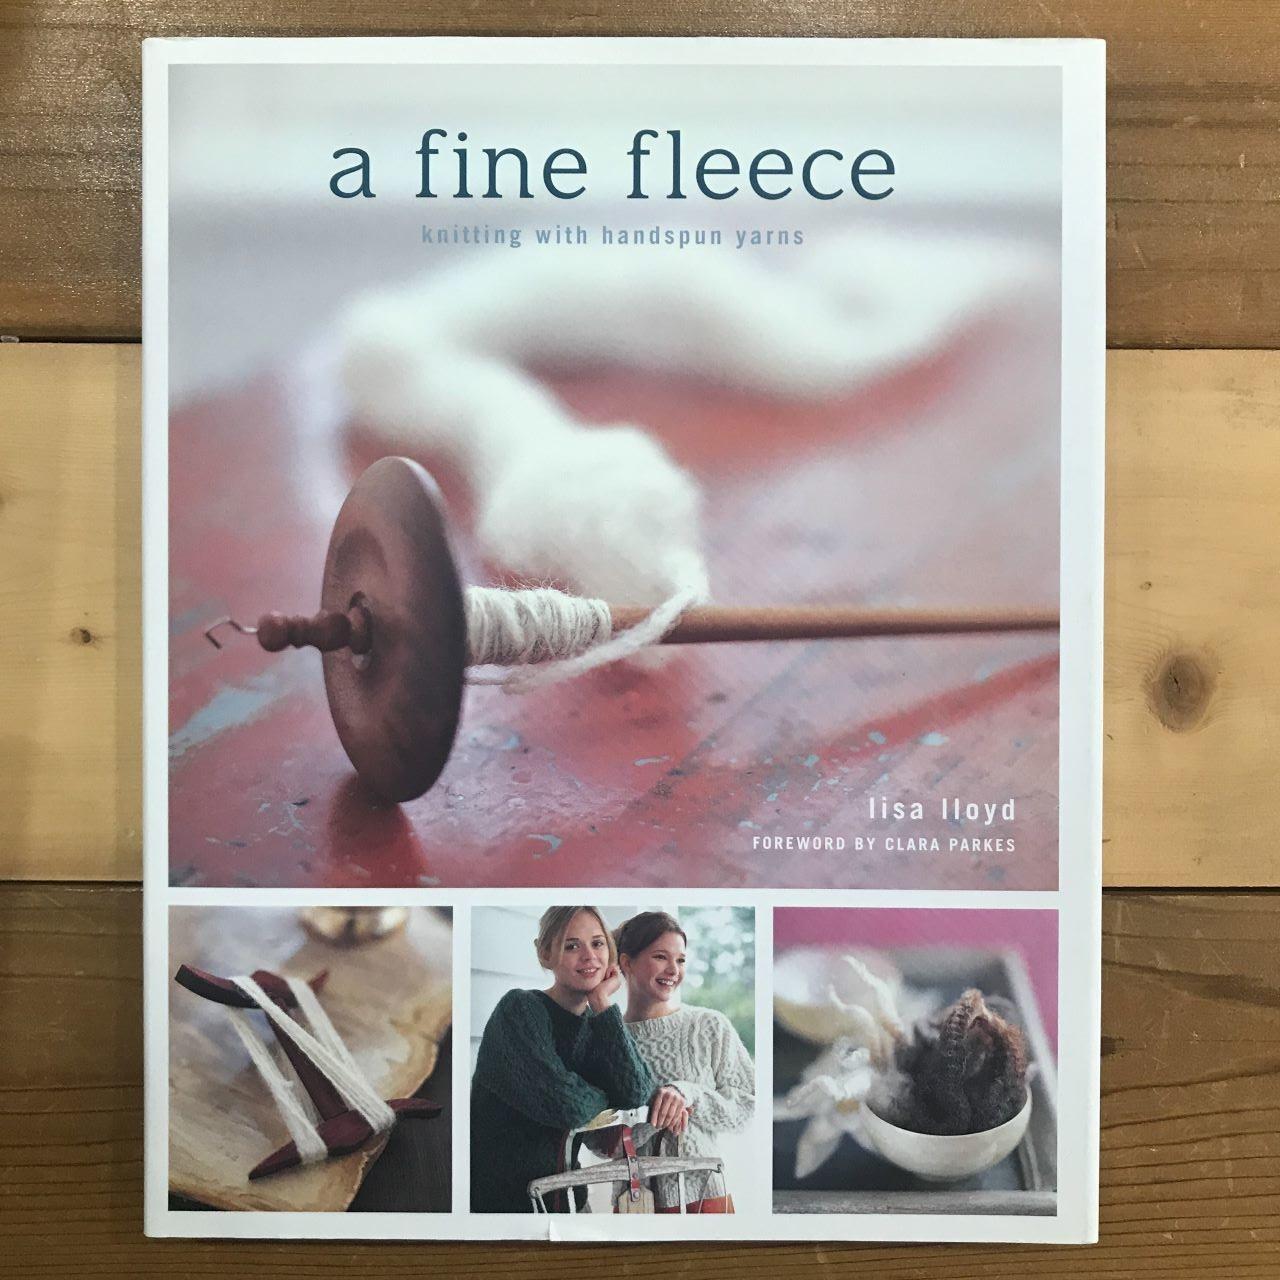 A Fine Fleece: Knitting with Handspun Yarn